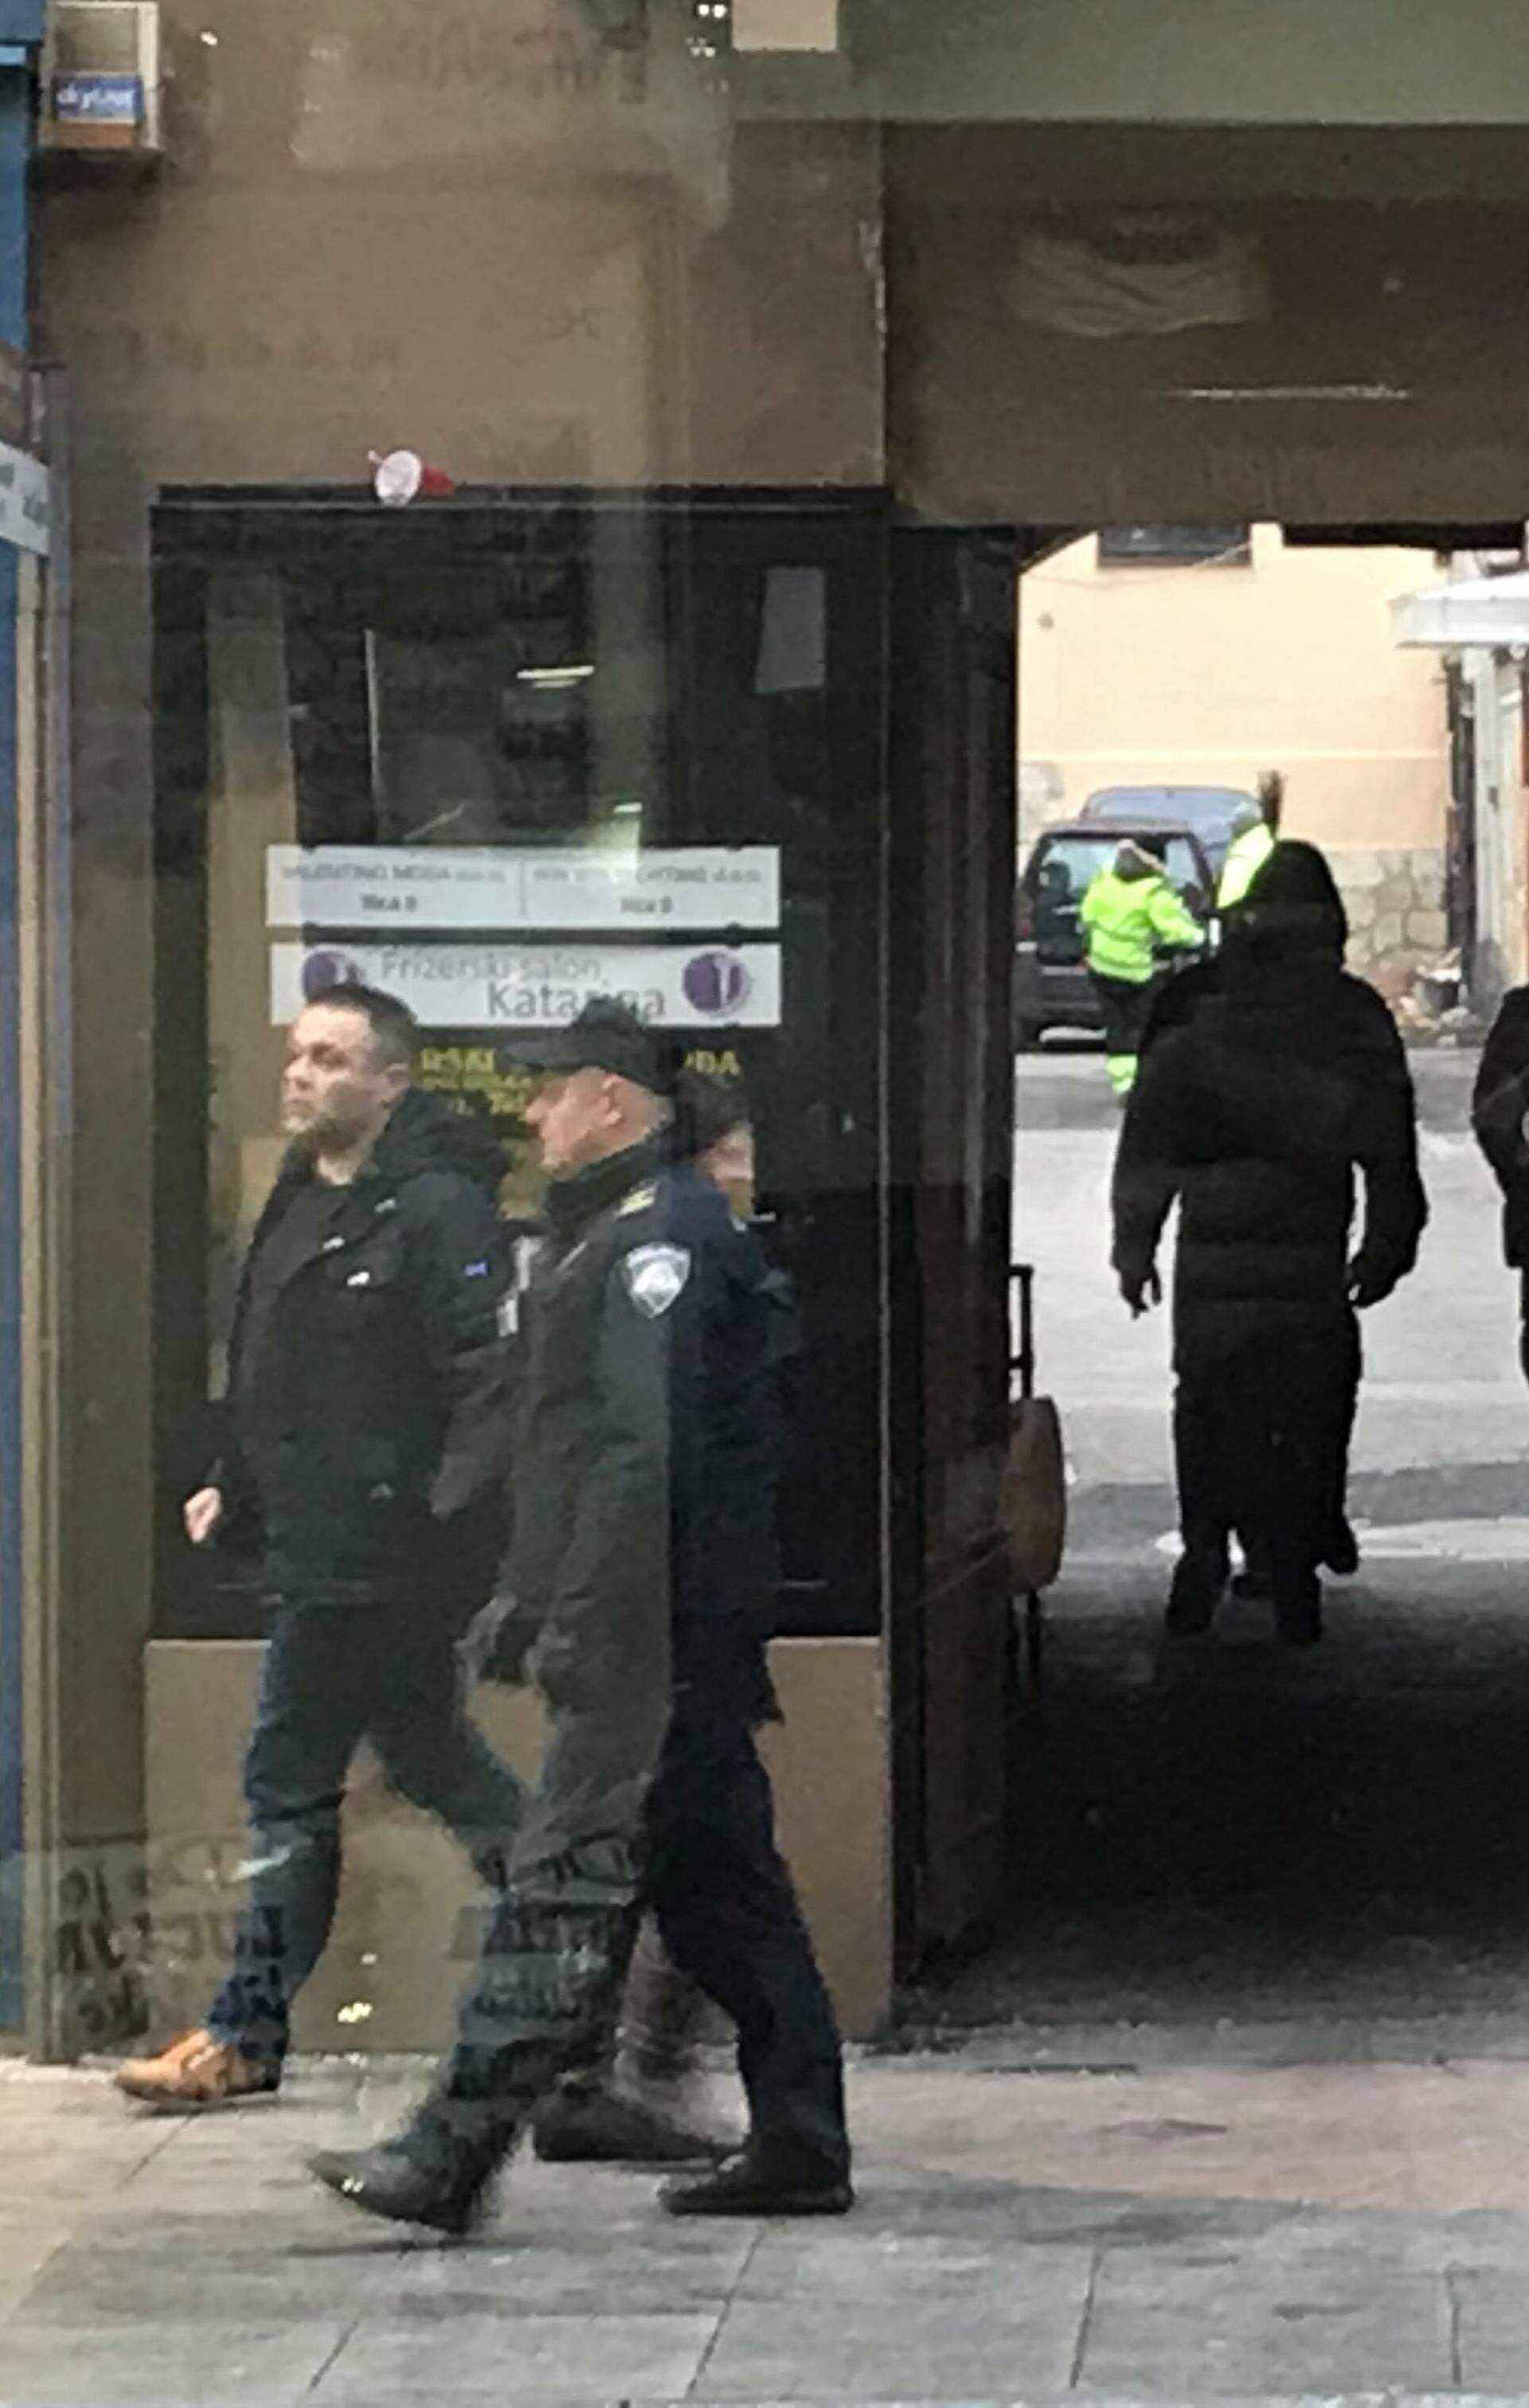 Muškarci se potukli kod kafića, policija ih okružila te privela